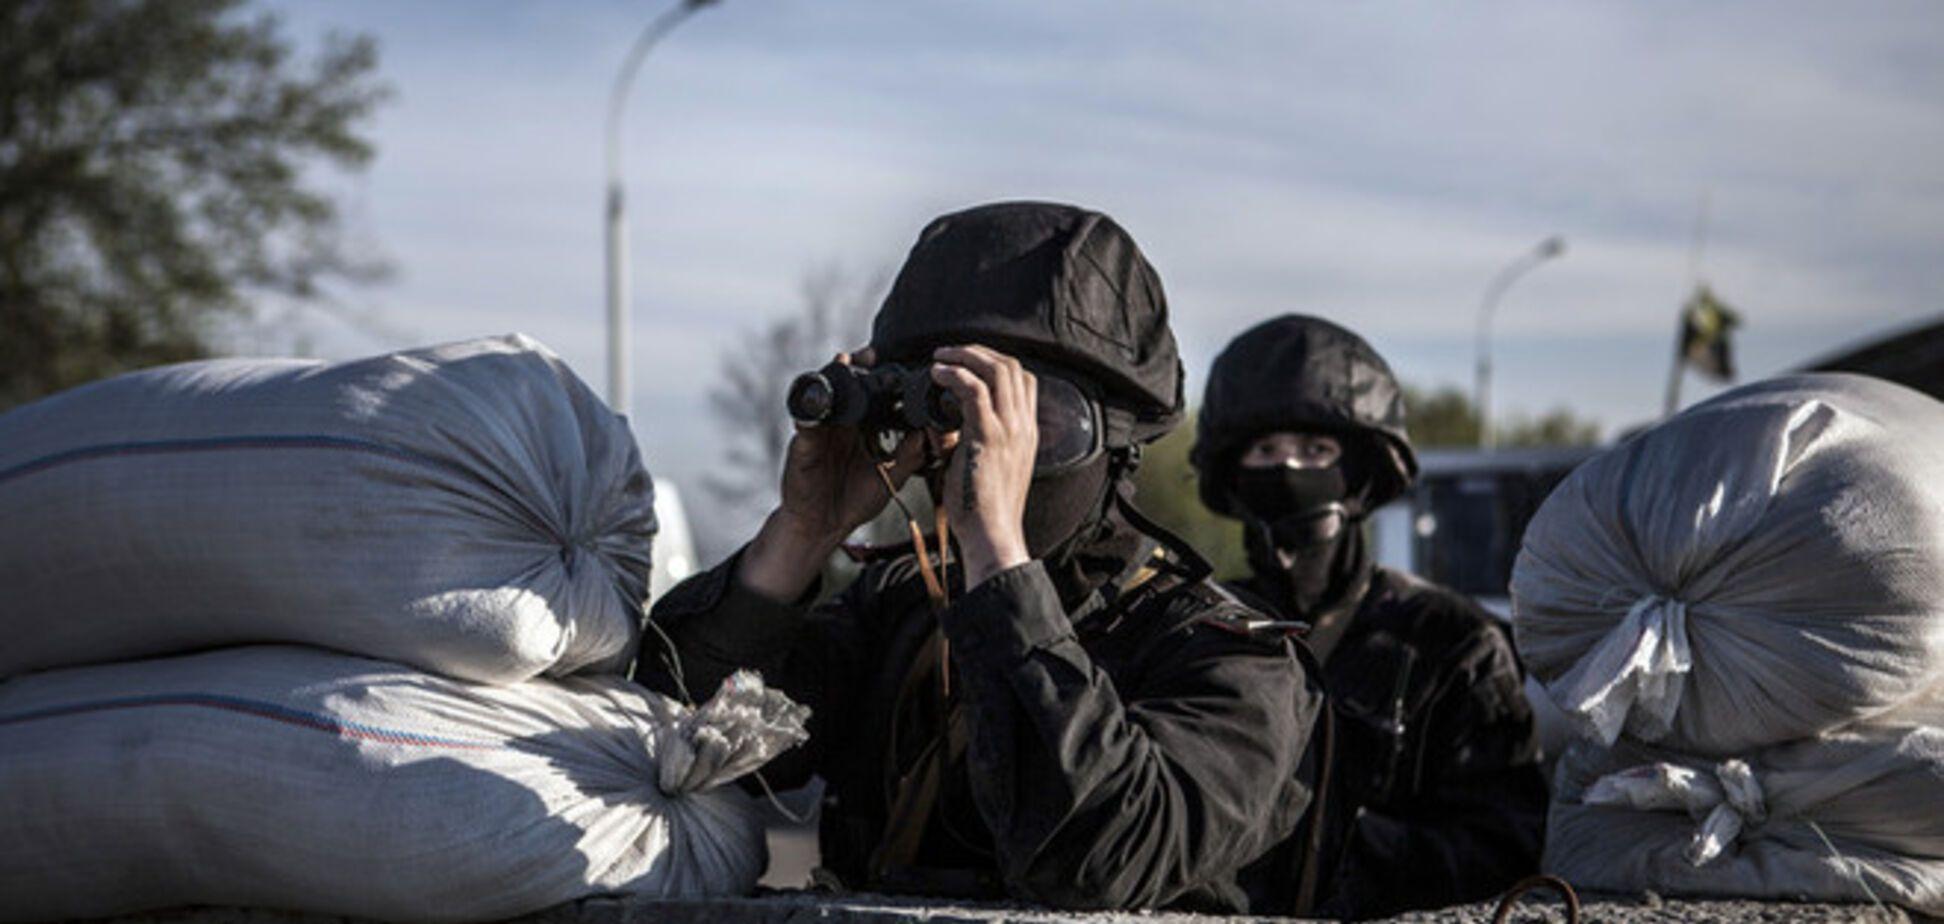 По факту захвата инспекторов ОБСЕ заведено дело - МВД